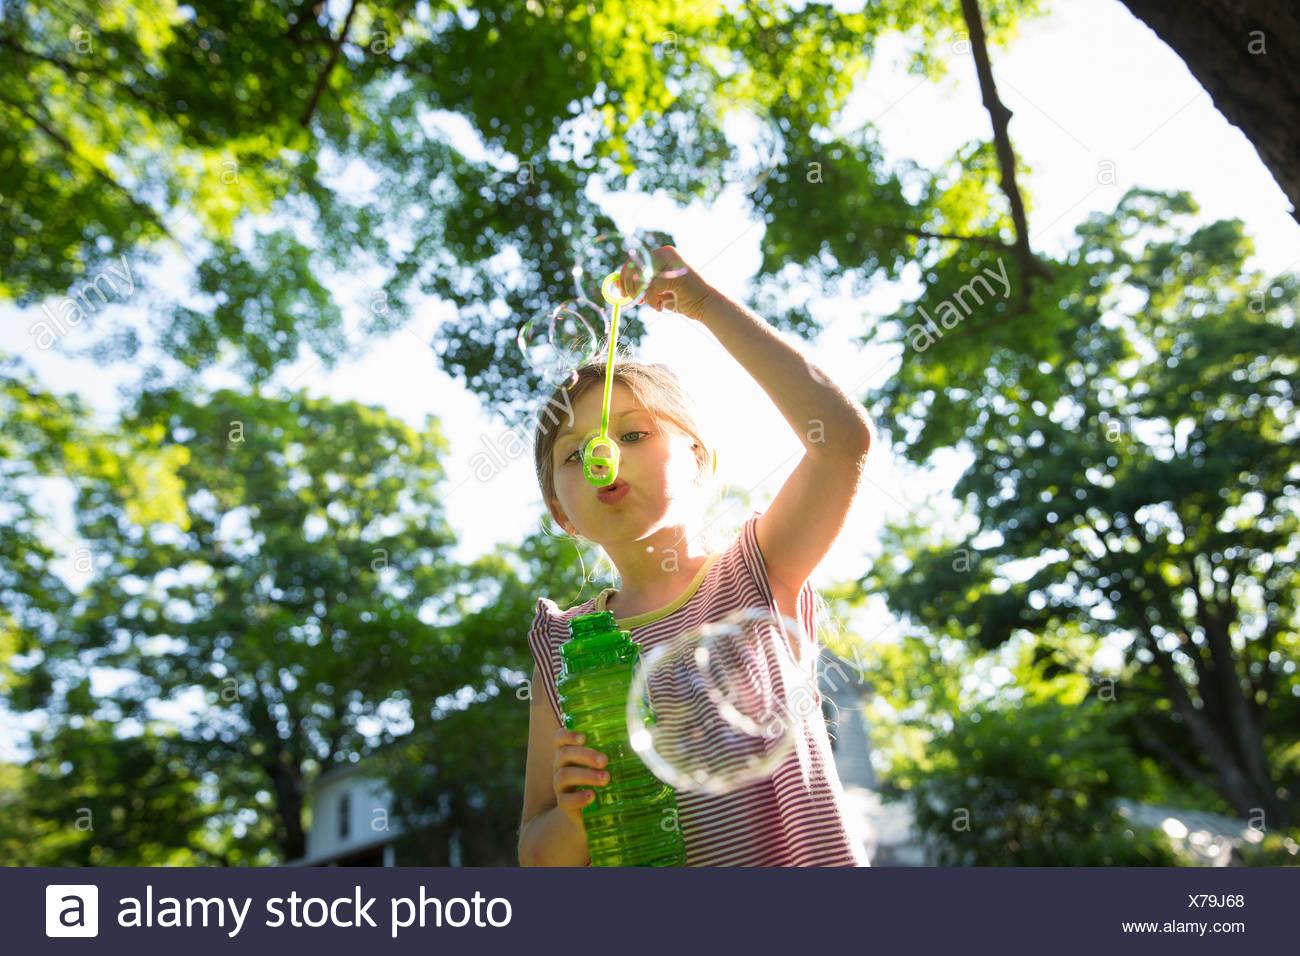 Ein junges Mädchen bläst Seifenblasen in der Luft unter den Ästen eines großen Baumes. Stockbild